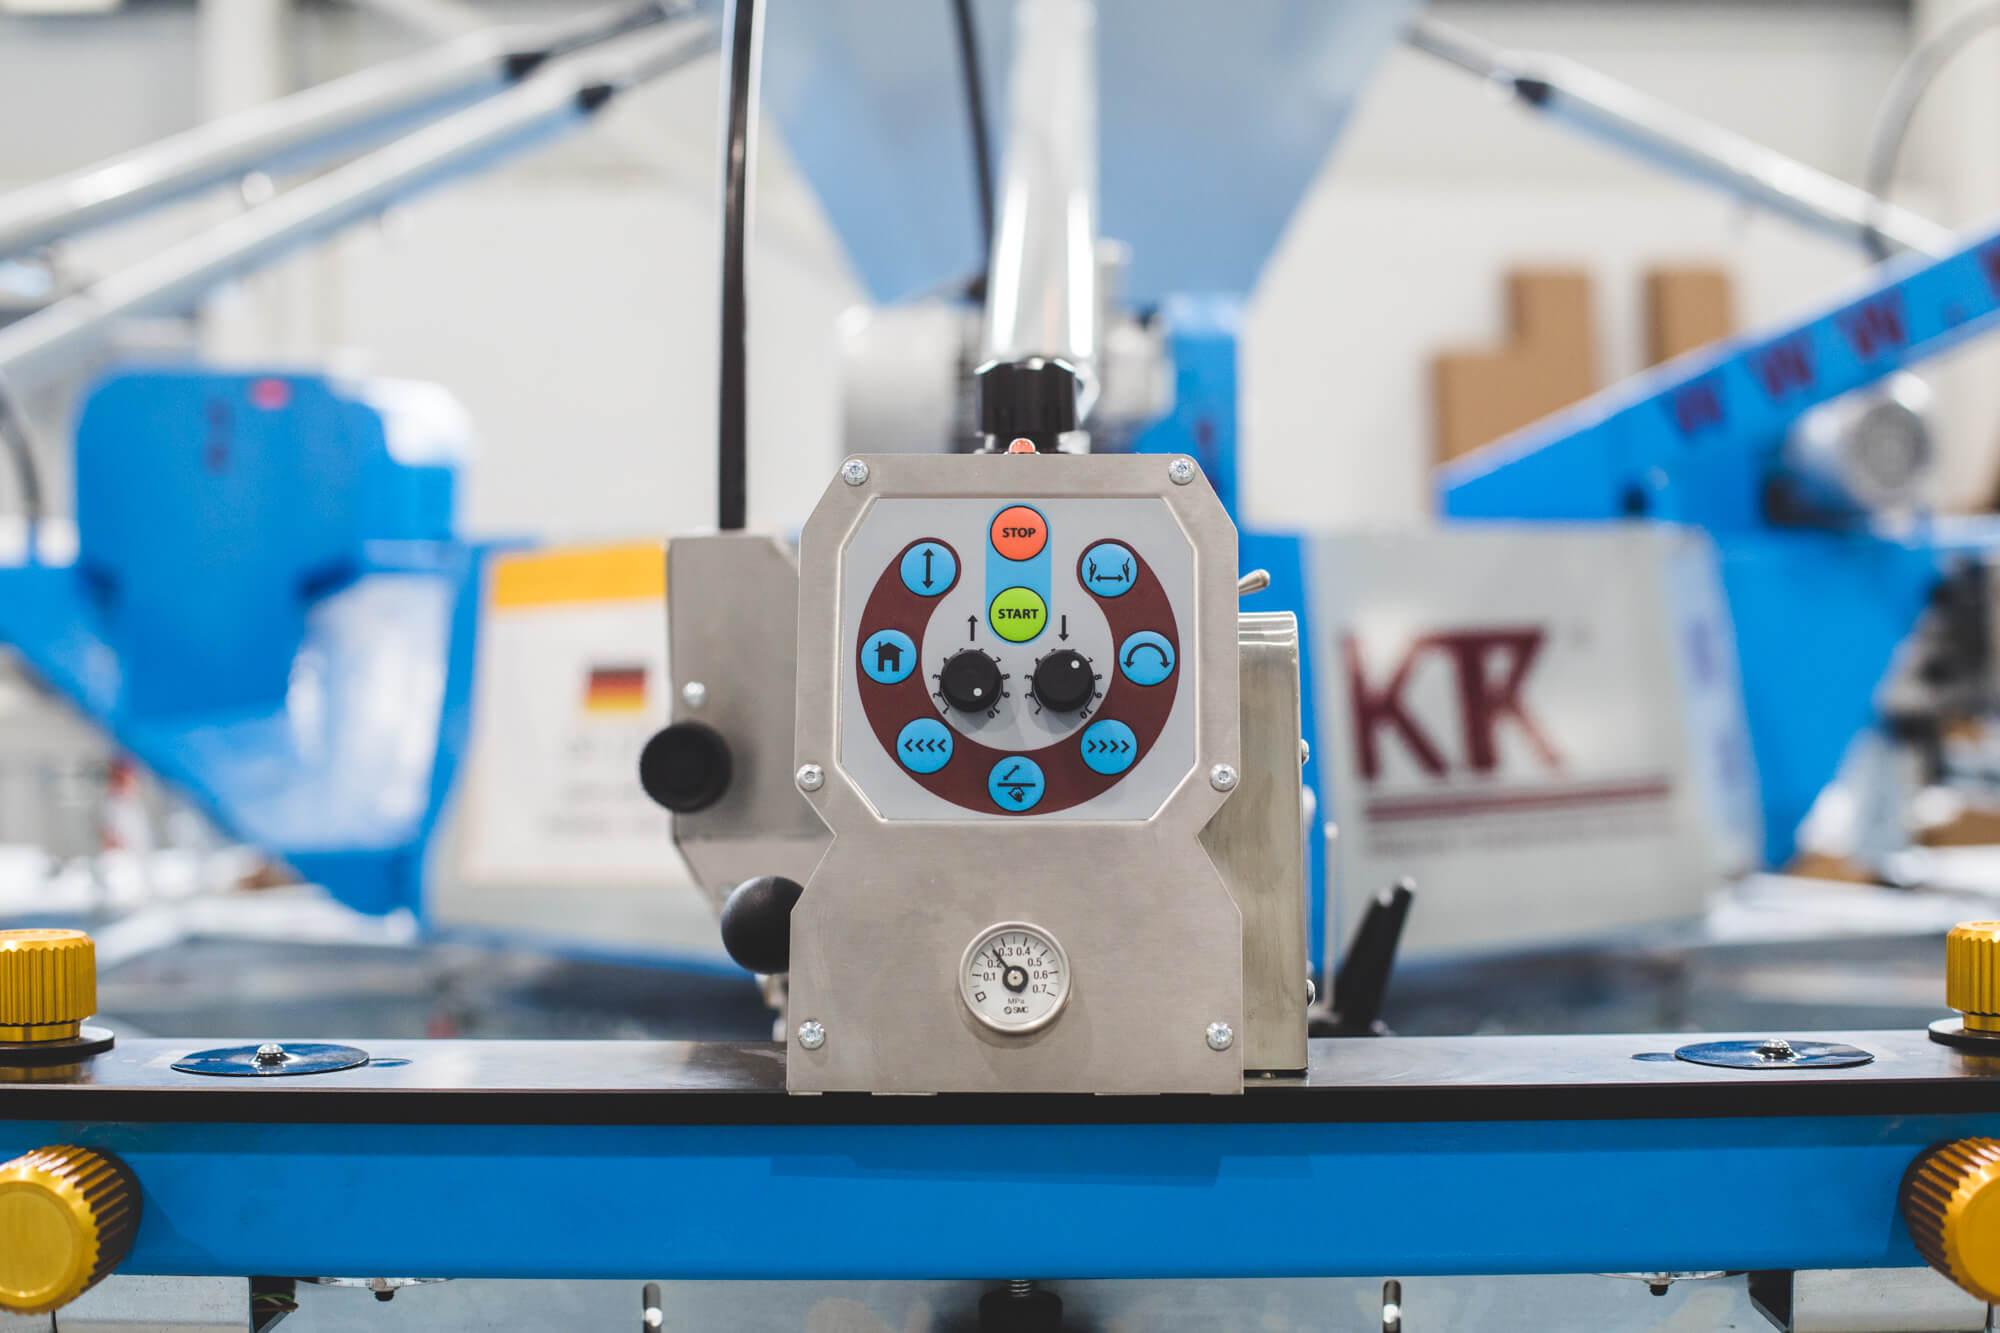 KTK apresenta novas máquinas na FESPA Munique